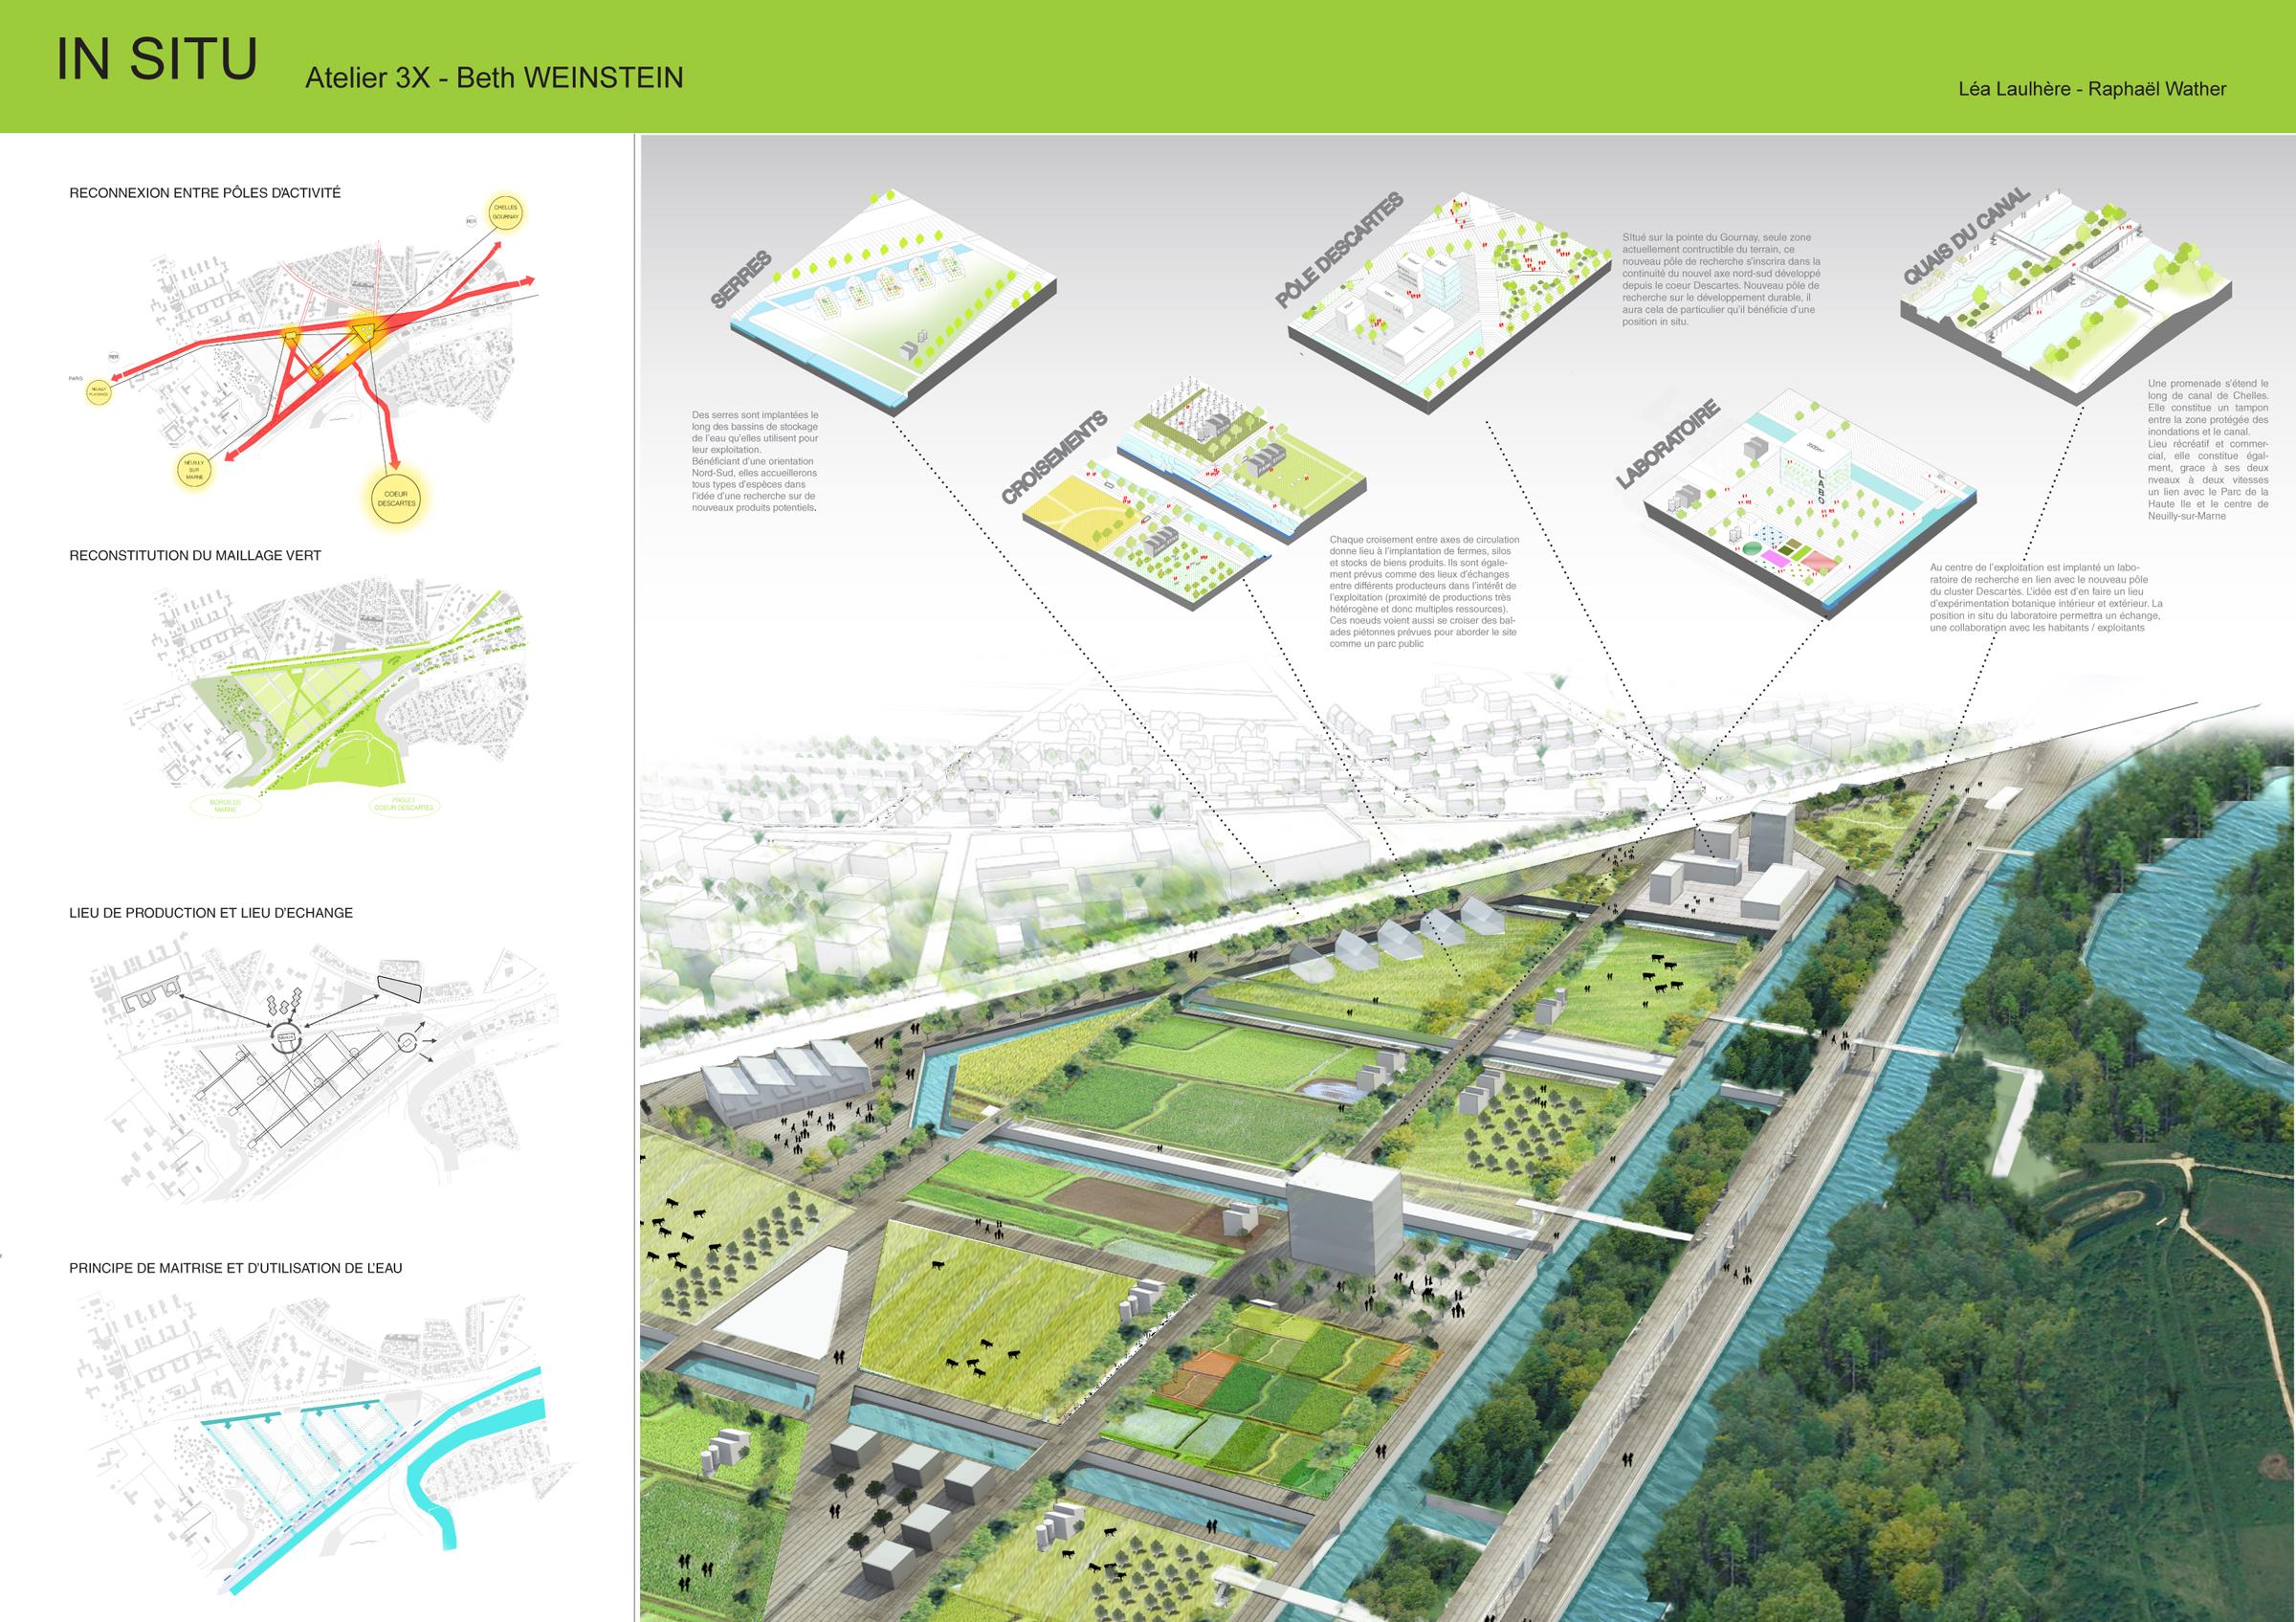 Faire Un Bassin Exterieur a1 projet 2 walther laulhere | architecture agency